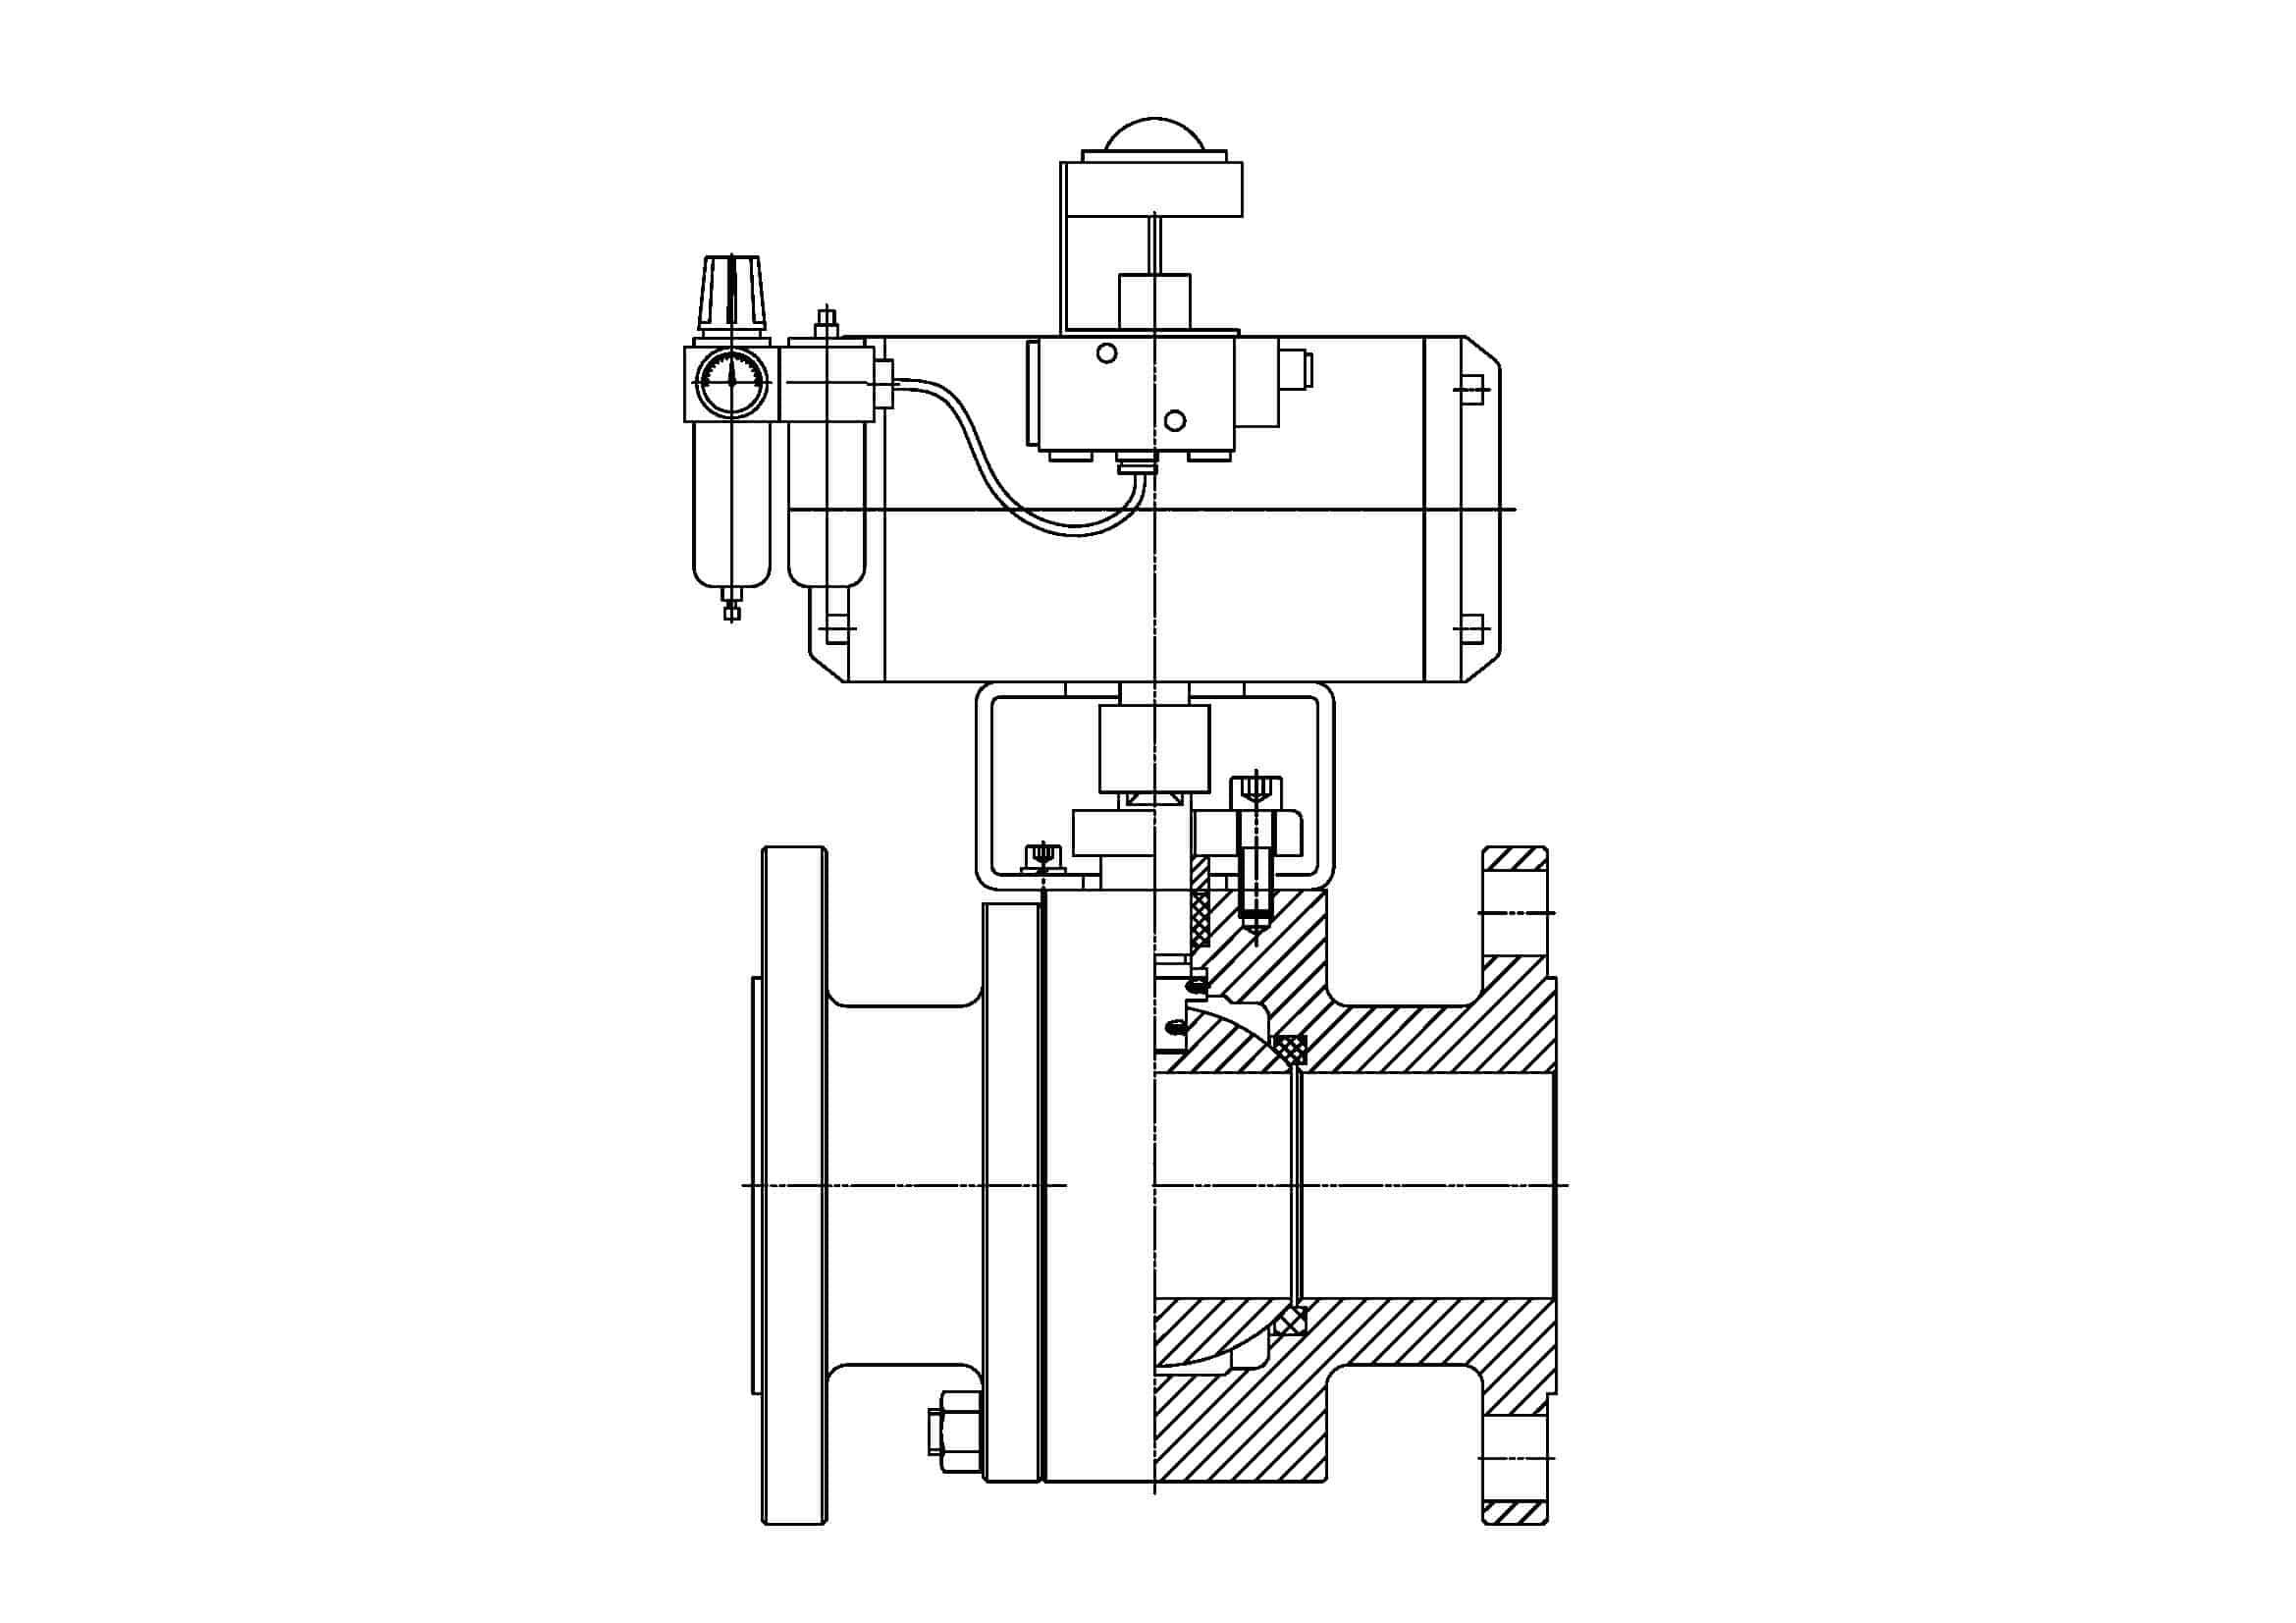 Pneumatic actuated ball valve